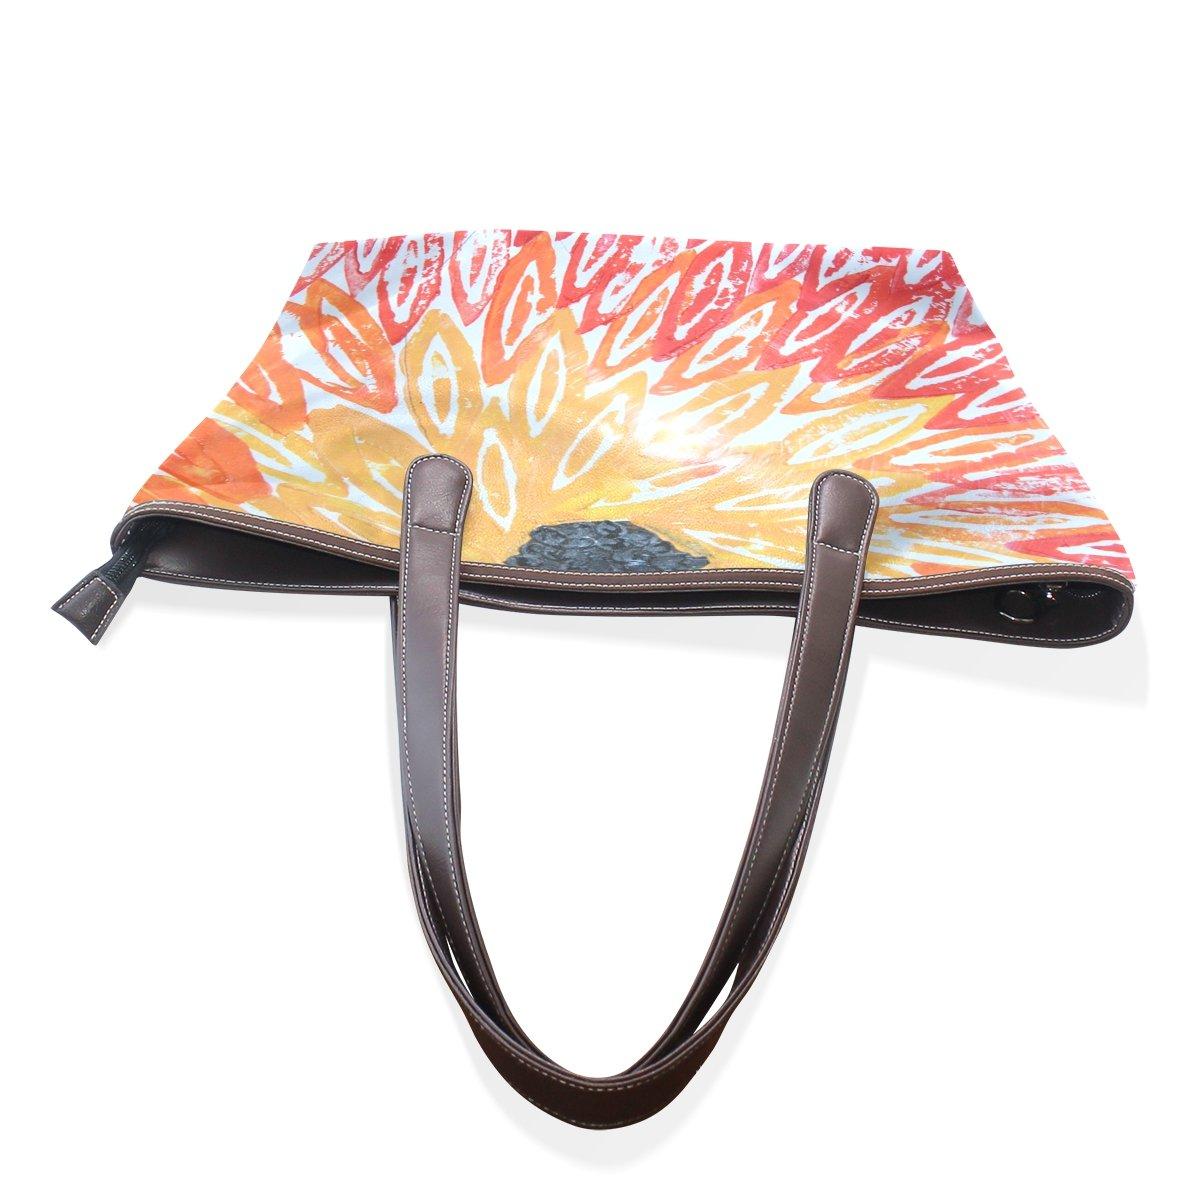 COOSUN COOSUN COOSUN Abstrakte SonnenBlaume Groß Tote PU-Leder-Handgriff-Schulter-Beutel-Taschen-Tasche L (33x45x13) cm MultiFarbe   003 B07C3NWTGP Schultertaschen Kaufen Sie online 0ad5be